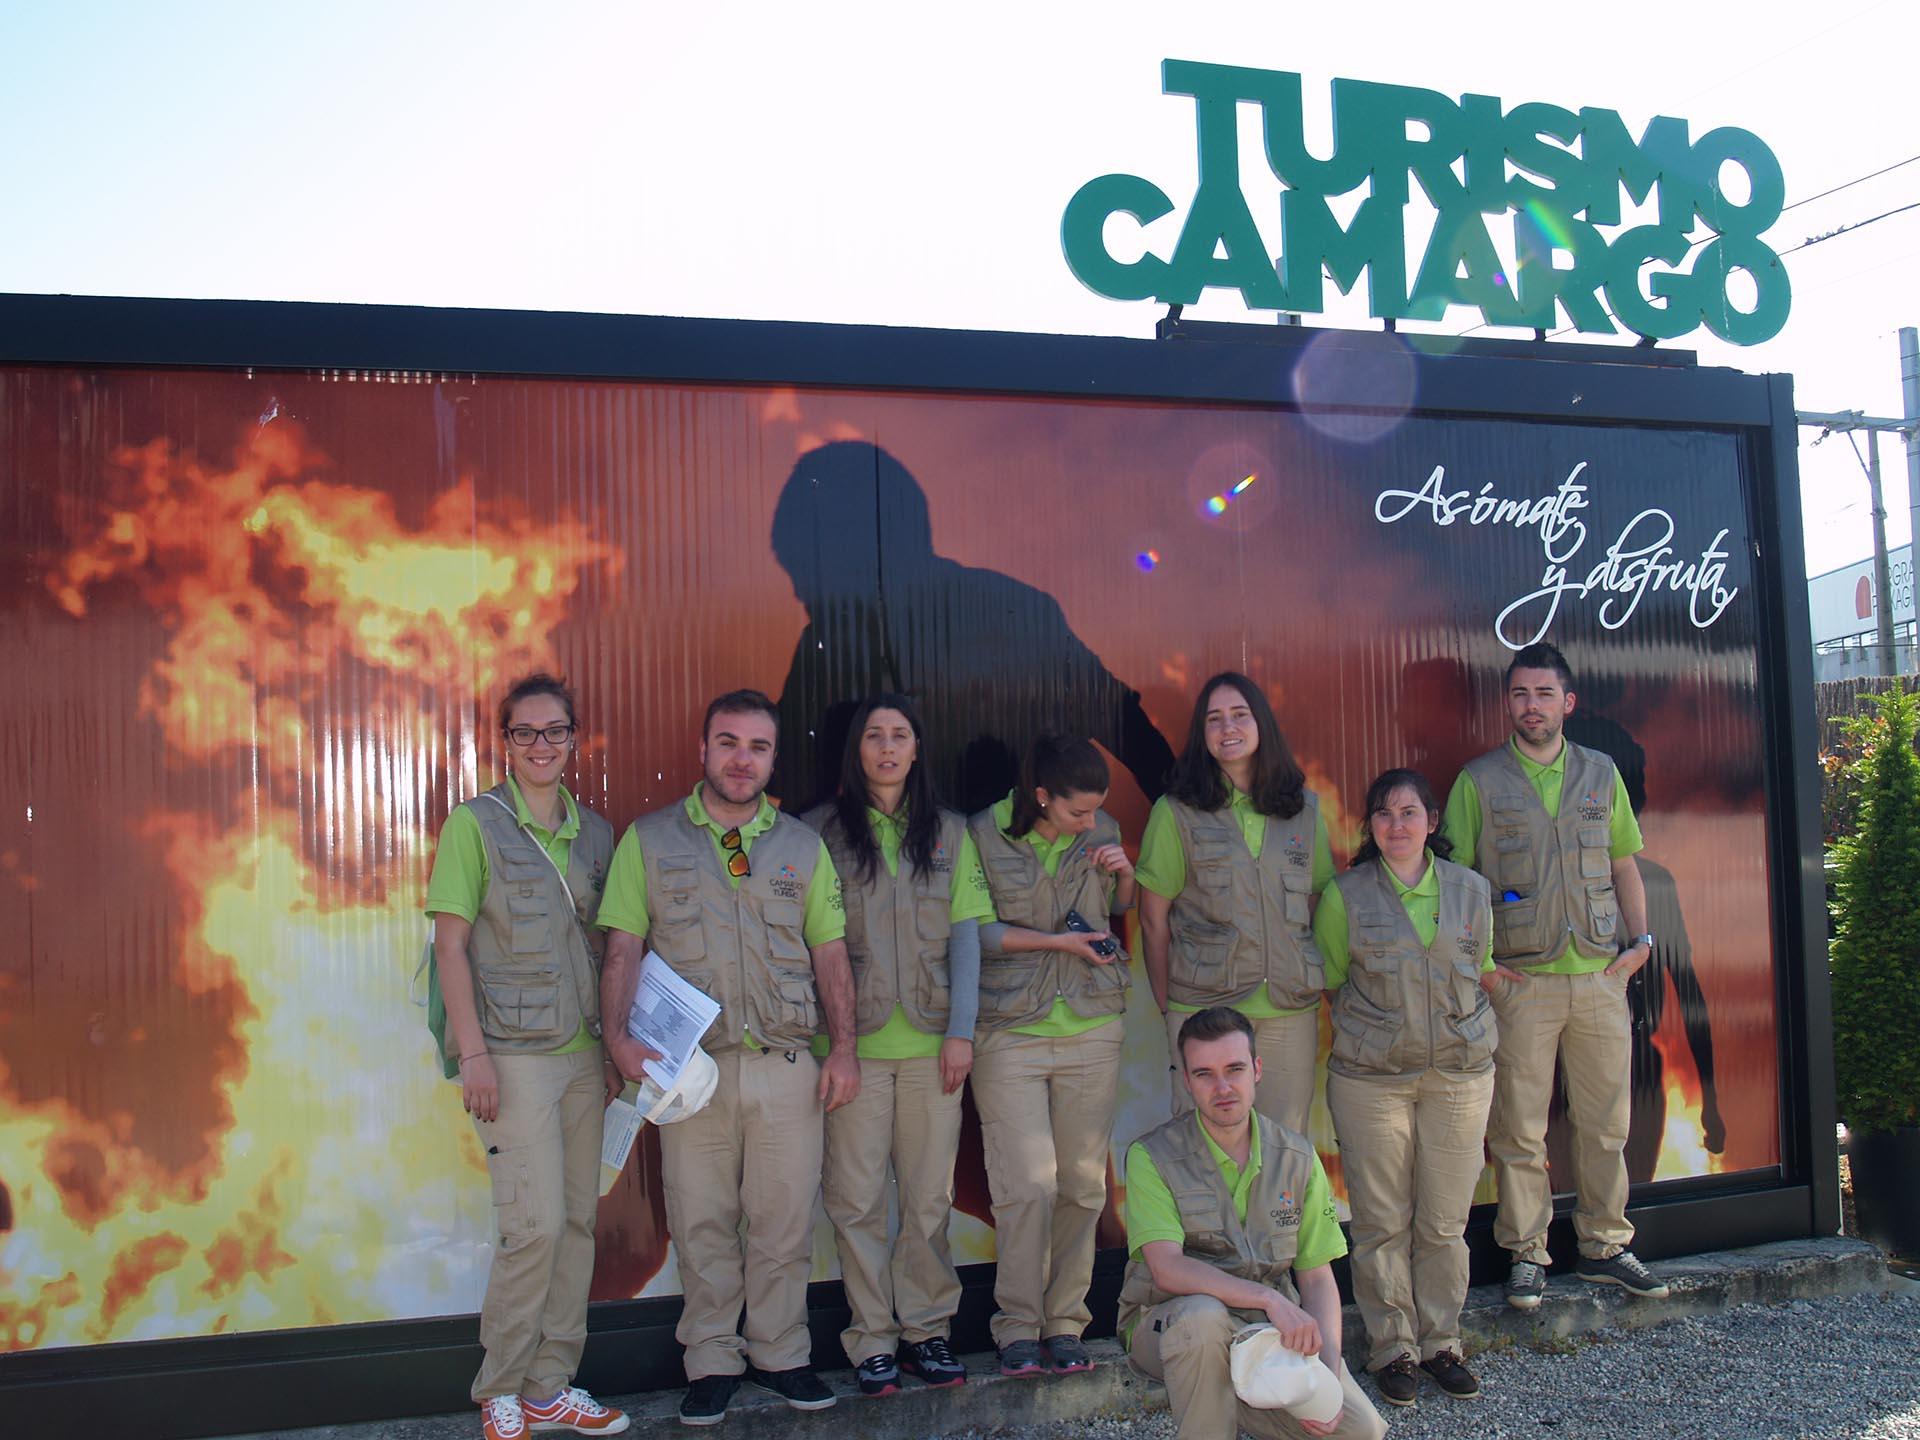 Taller de Empleo Camargo VI